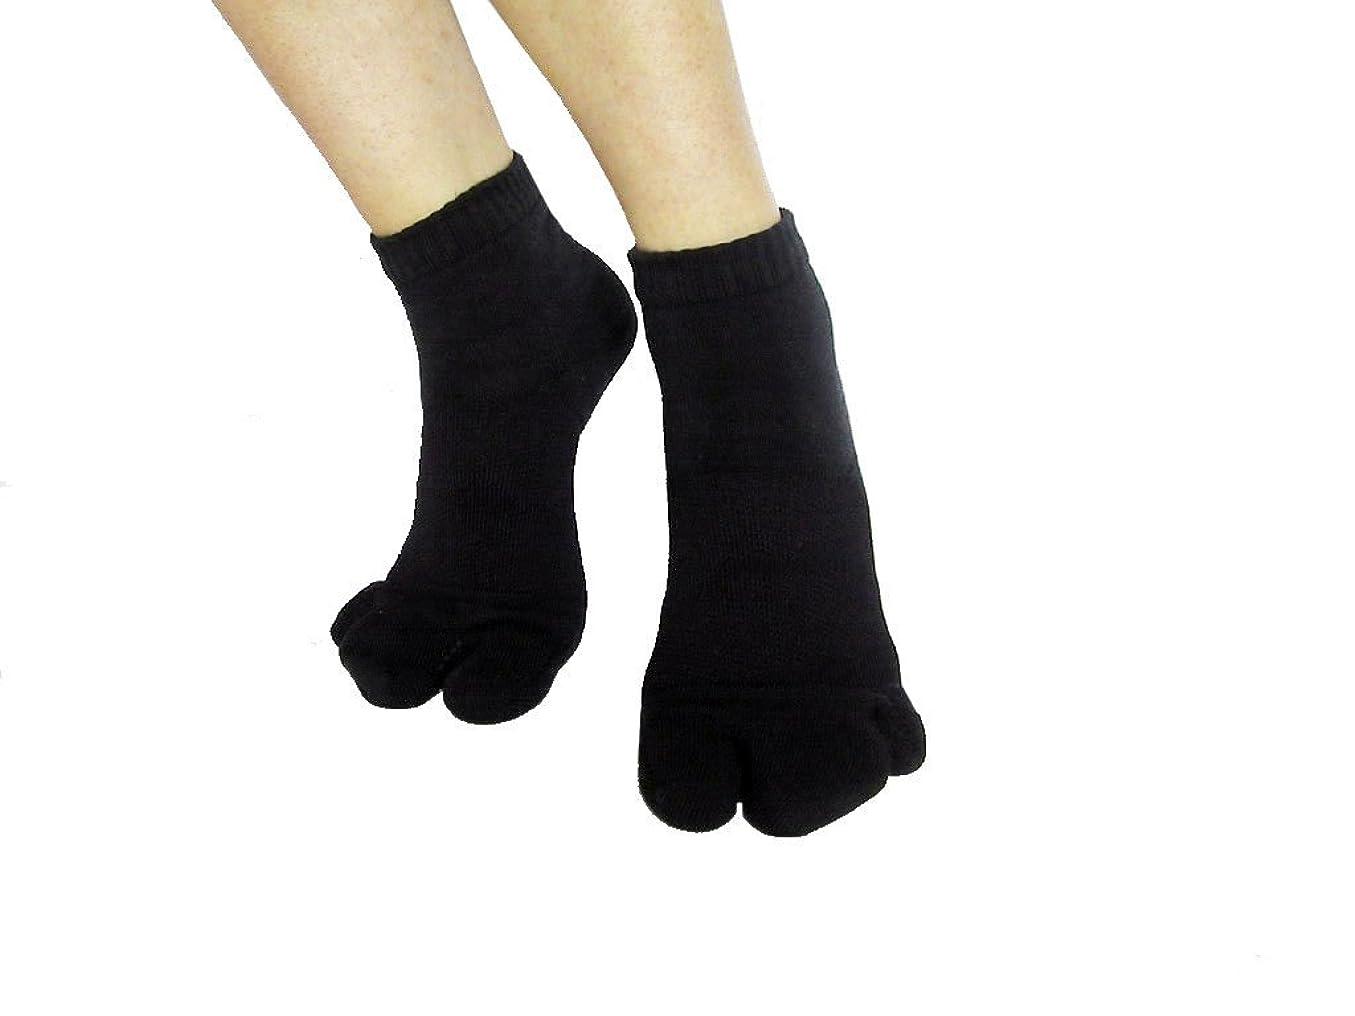 絶望的な解釈お手入れカサハラ式サポーター ホソックス3本指 テーピング靴下 ブラック M23.5-23.5cm